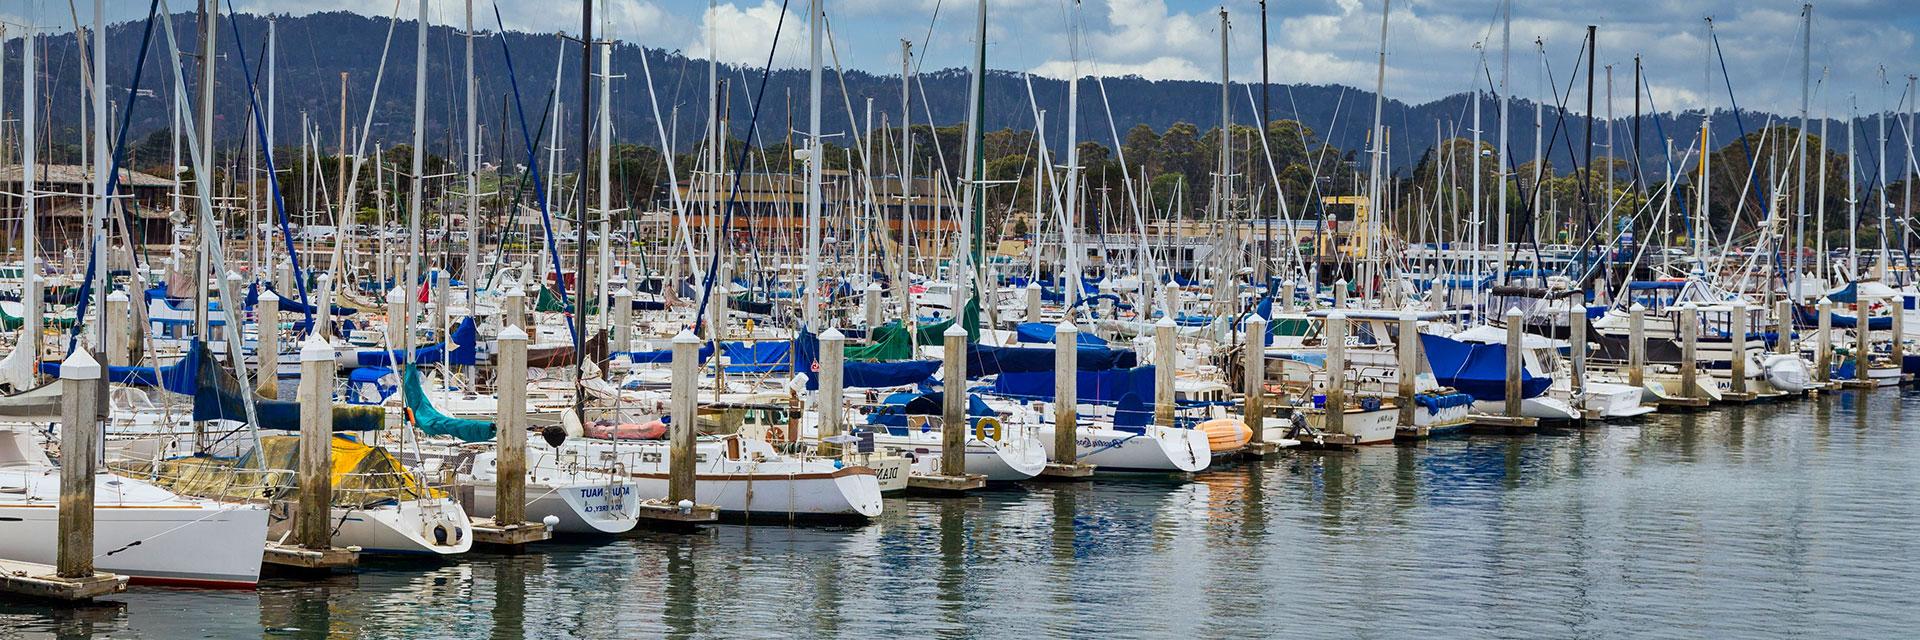 Casa Munras Garden Hotel & Spa, Monterey Reservations